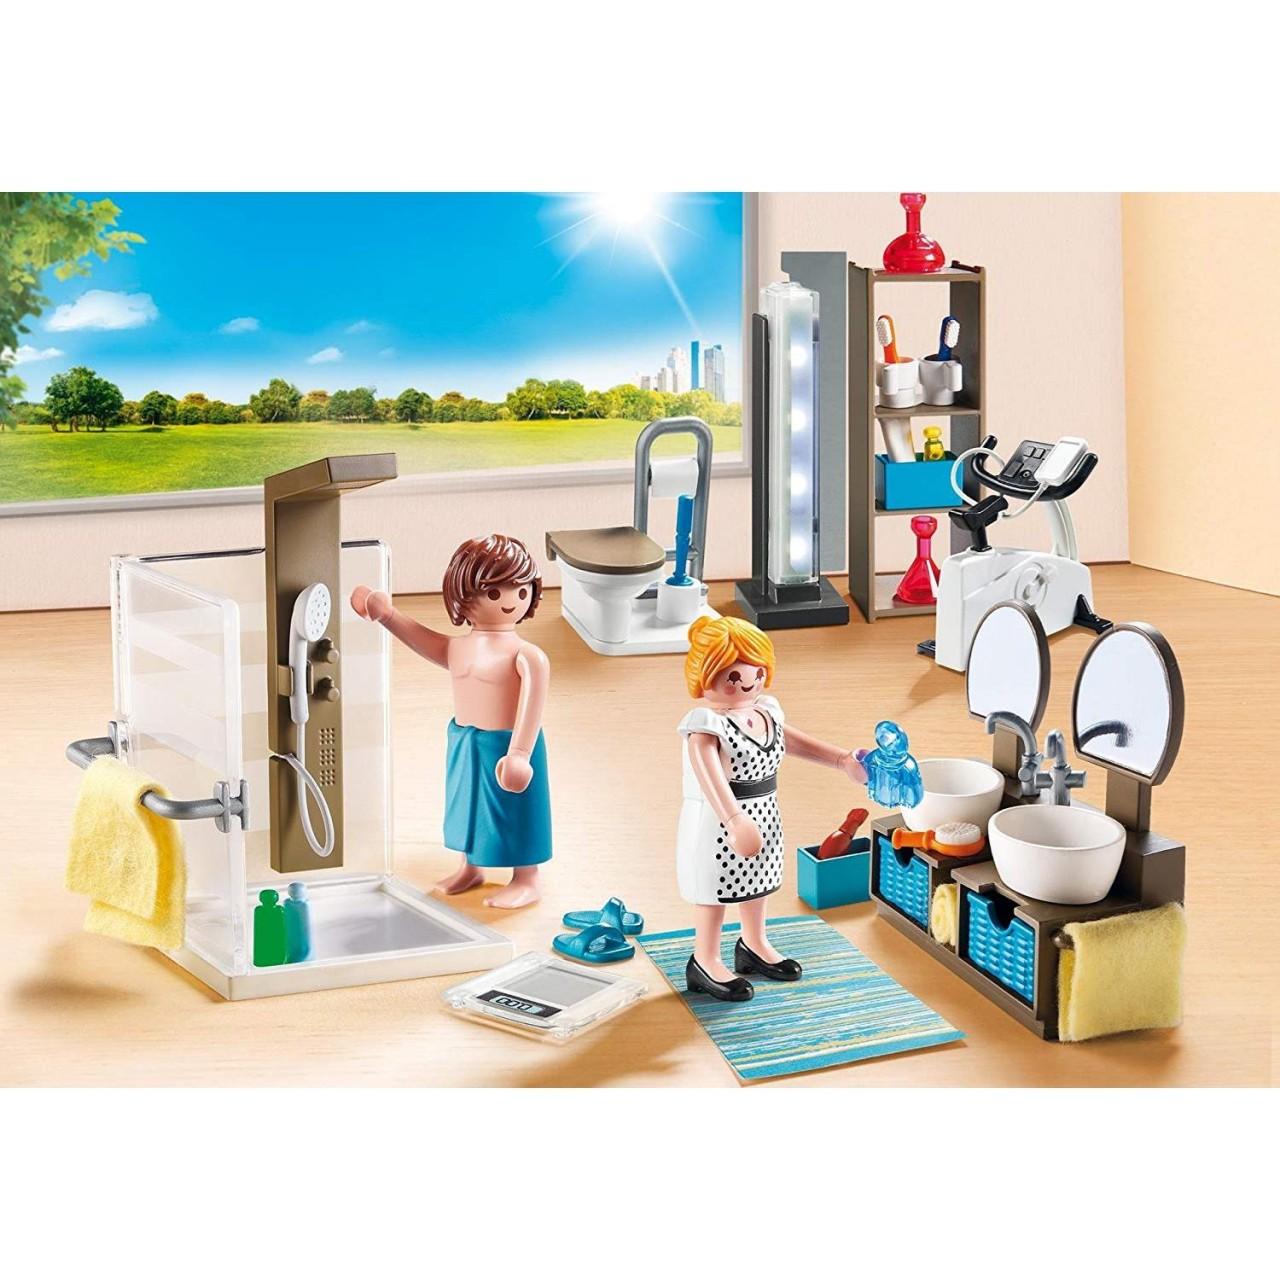 Playmobil 9268 Badezimmer